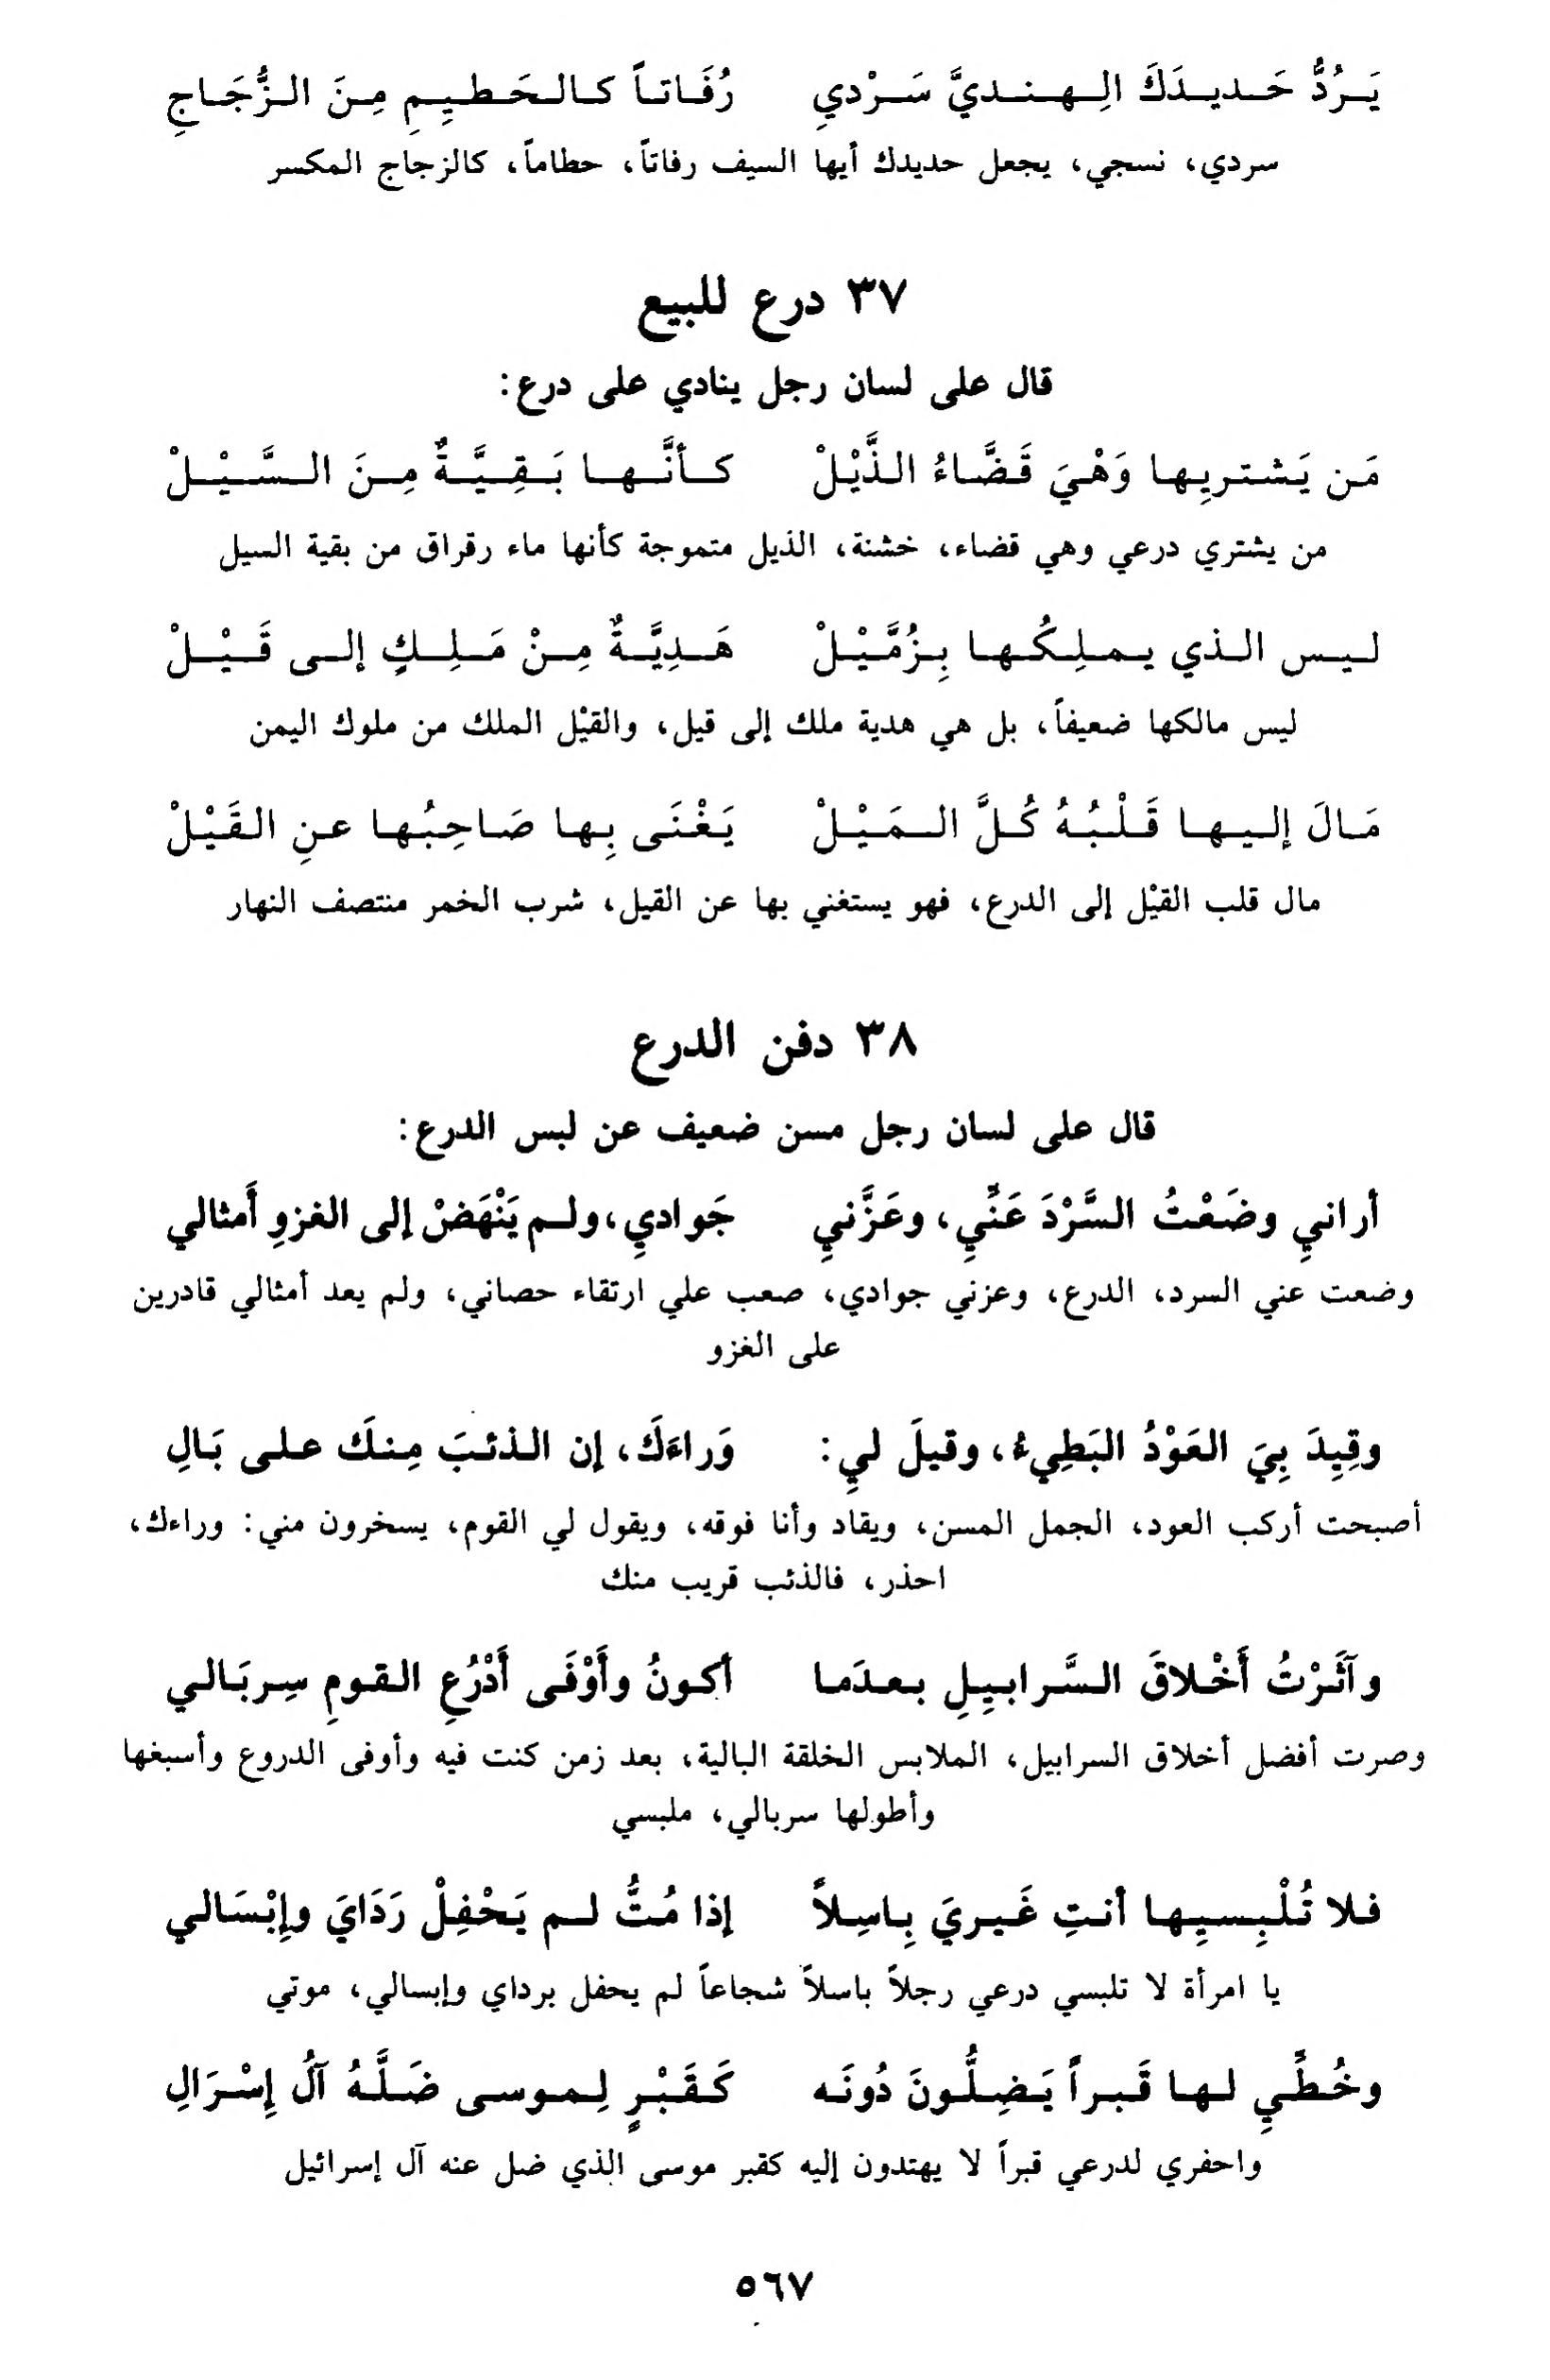 تألق الشعر عصر المتنبي من ابن الرومي حتى سقوط بغداد Free Download Borrow And Streaming Internet Archive Texts Internet Archive Lins